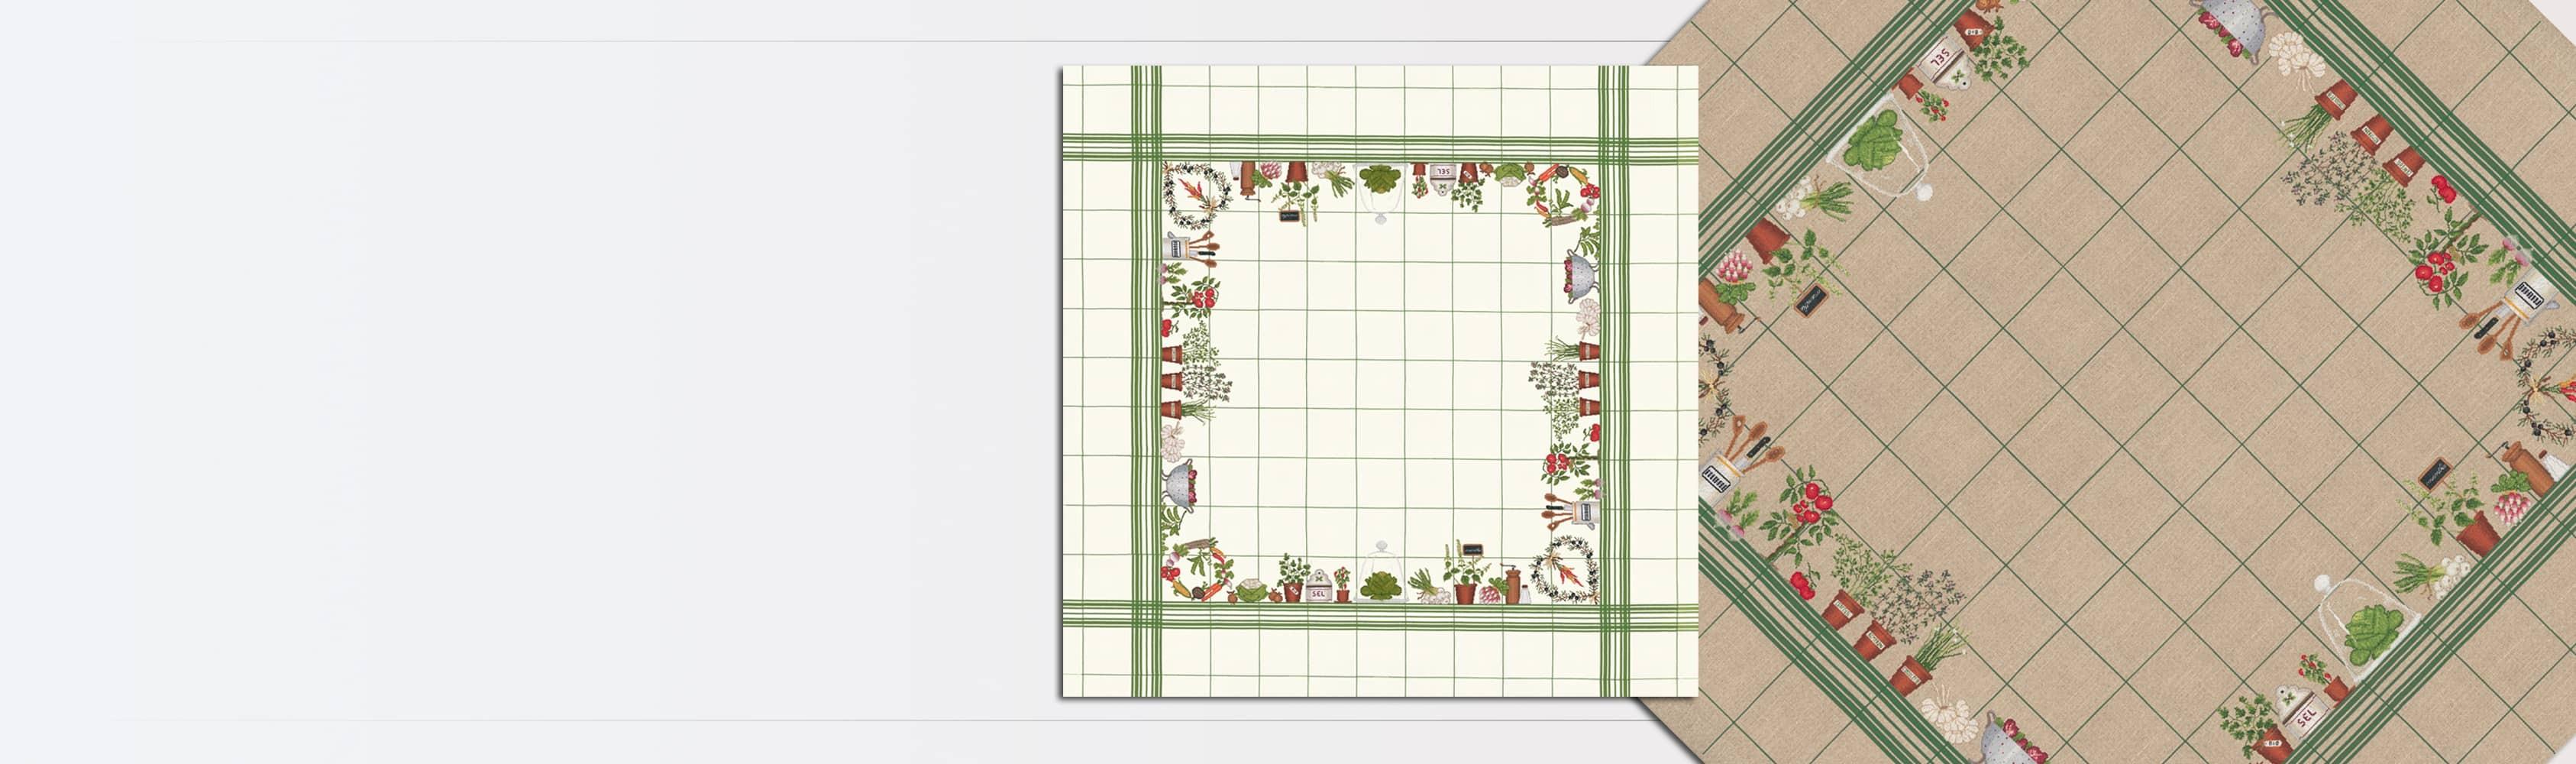 Nappe Légumes sur lin blanc avec quadrillage vert. Kit broderie point de croix, point compté. Le Bonheur des Dames